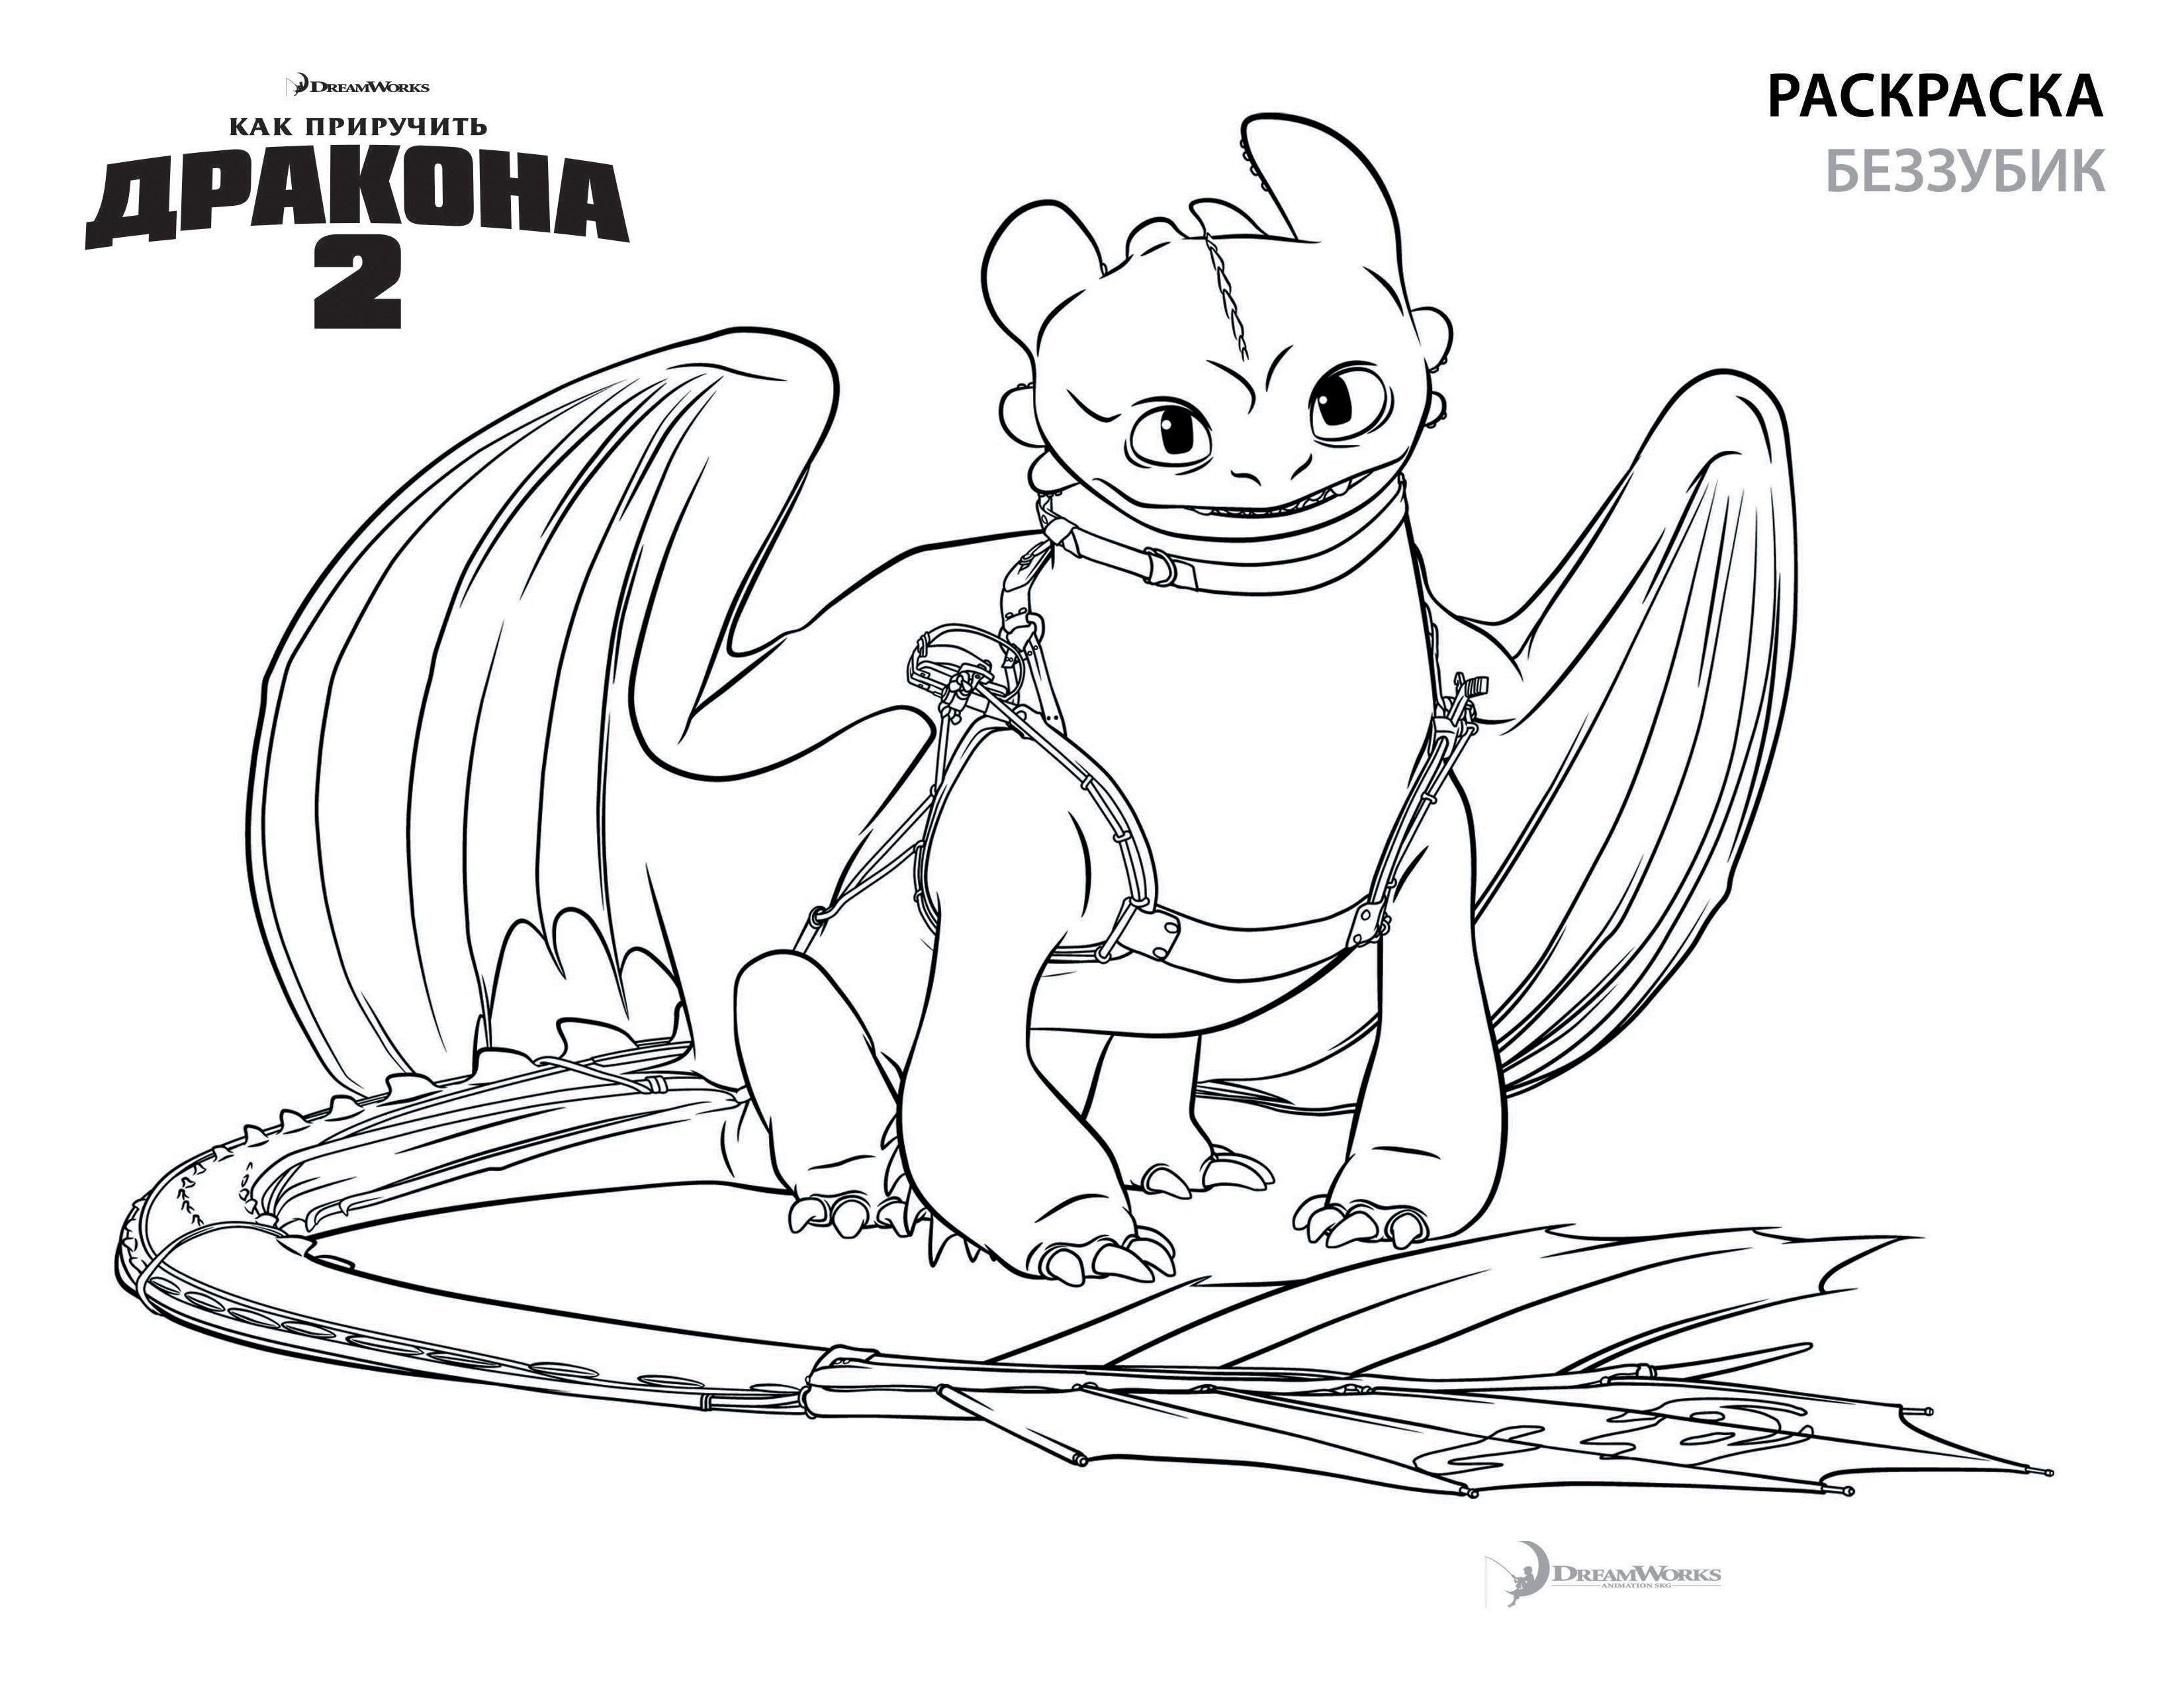 раскраска беззубика раскраски как приручить дракона 2